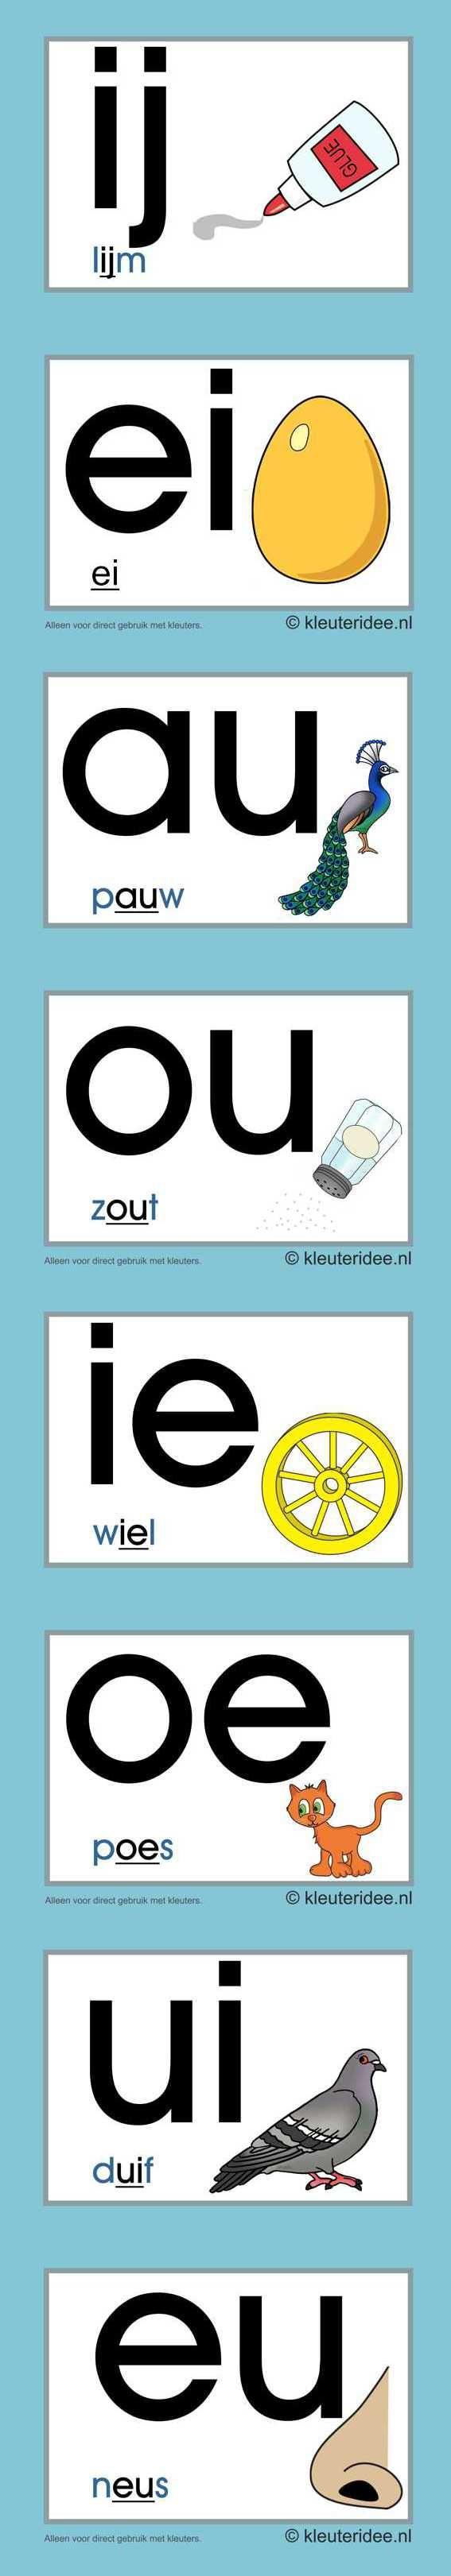 Letterkaarten voor kleuters tweeklanken 2, kleuteridee.nl , abc cards for…